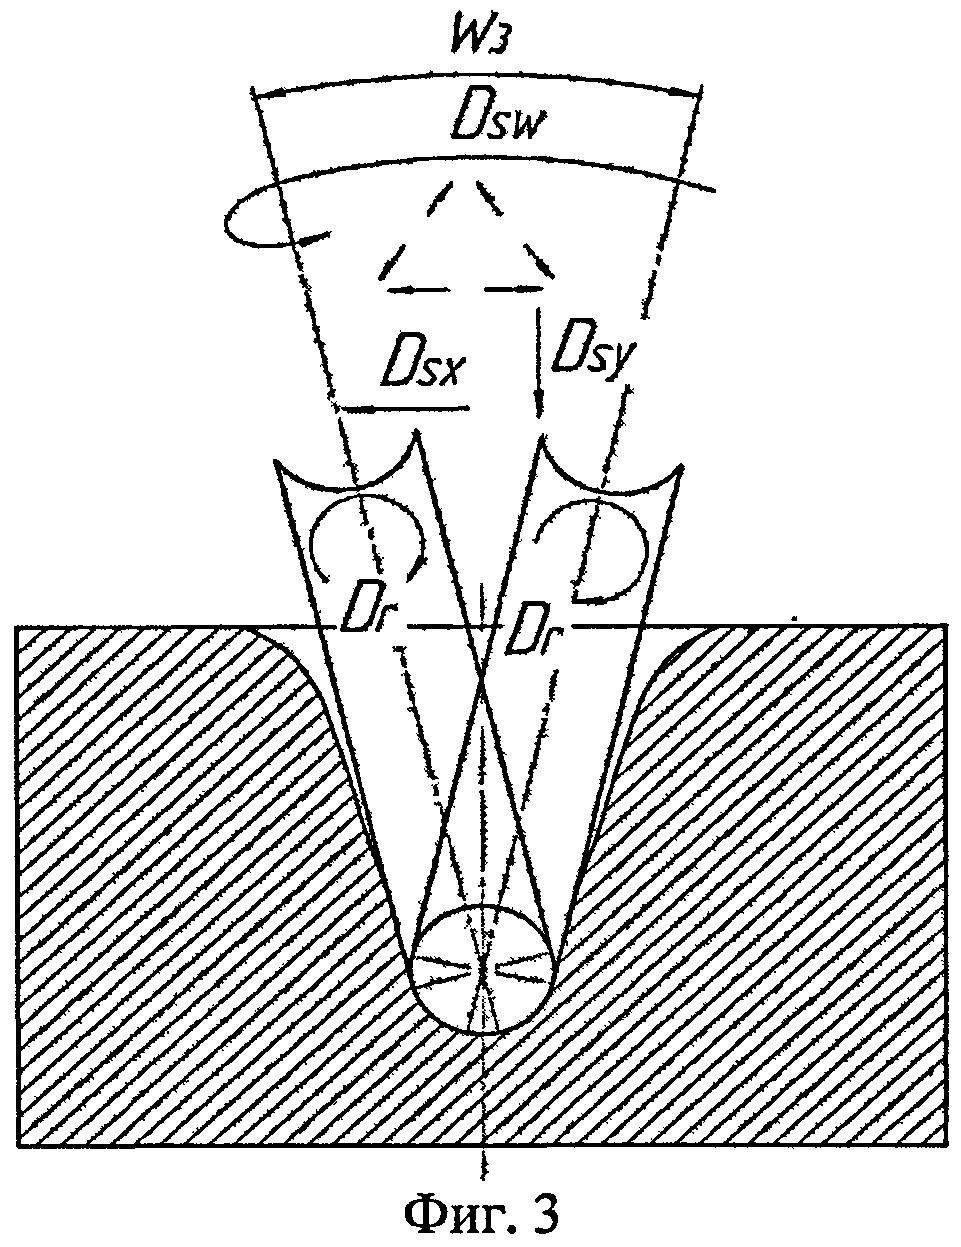 Способ обработки сложных криволинейных поверхностей